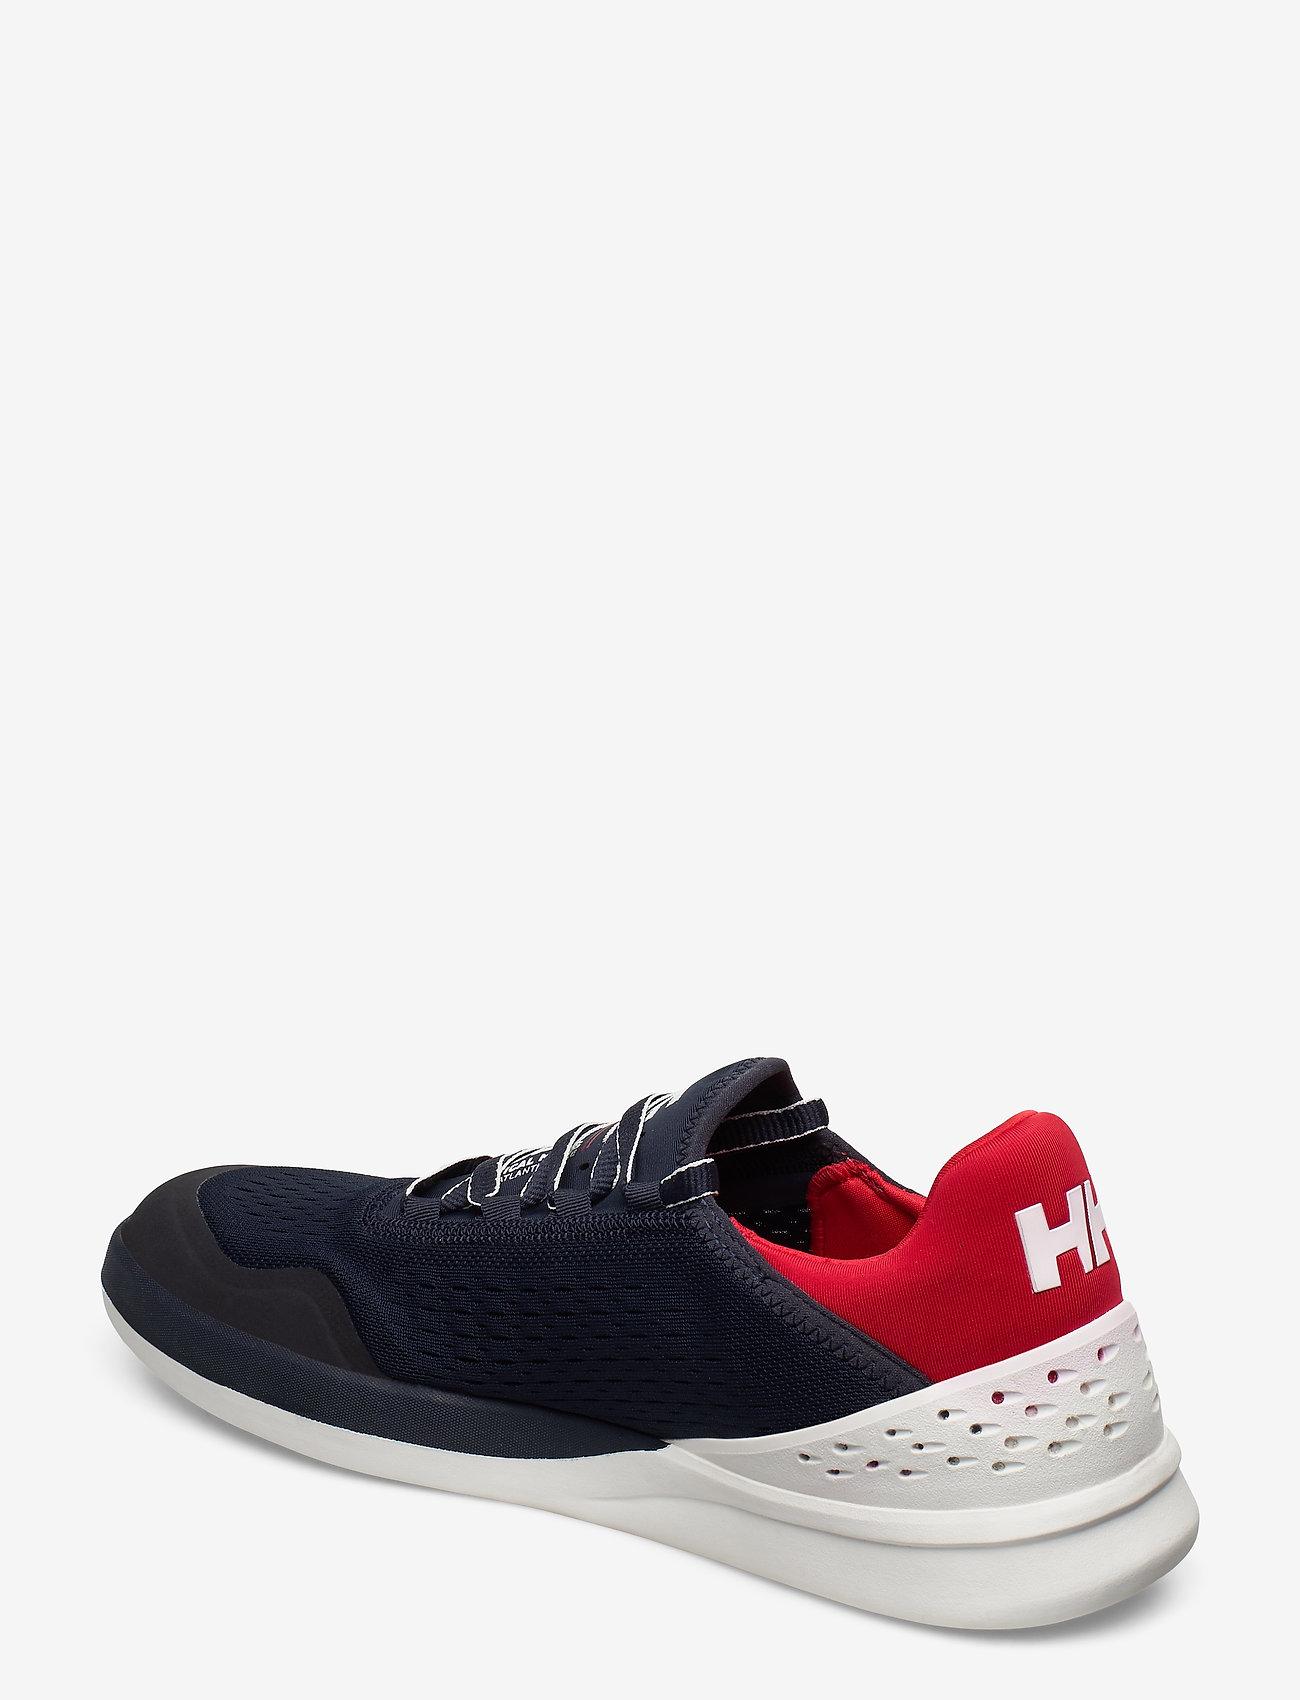 Stemforth (Navy / Off White / Red 162) - Helly Hansen